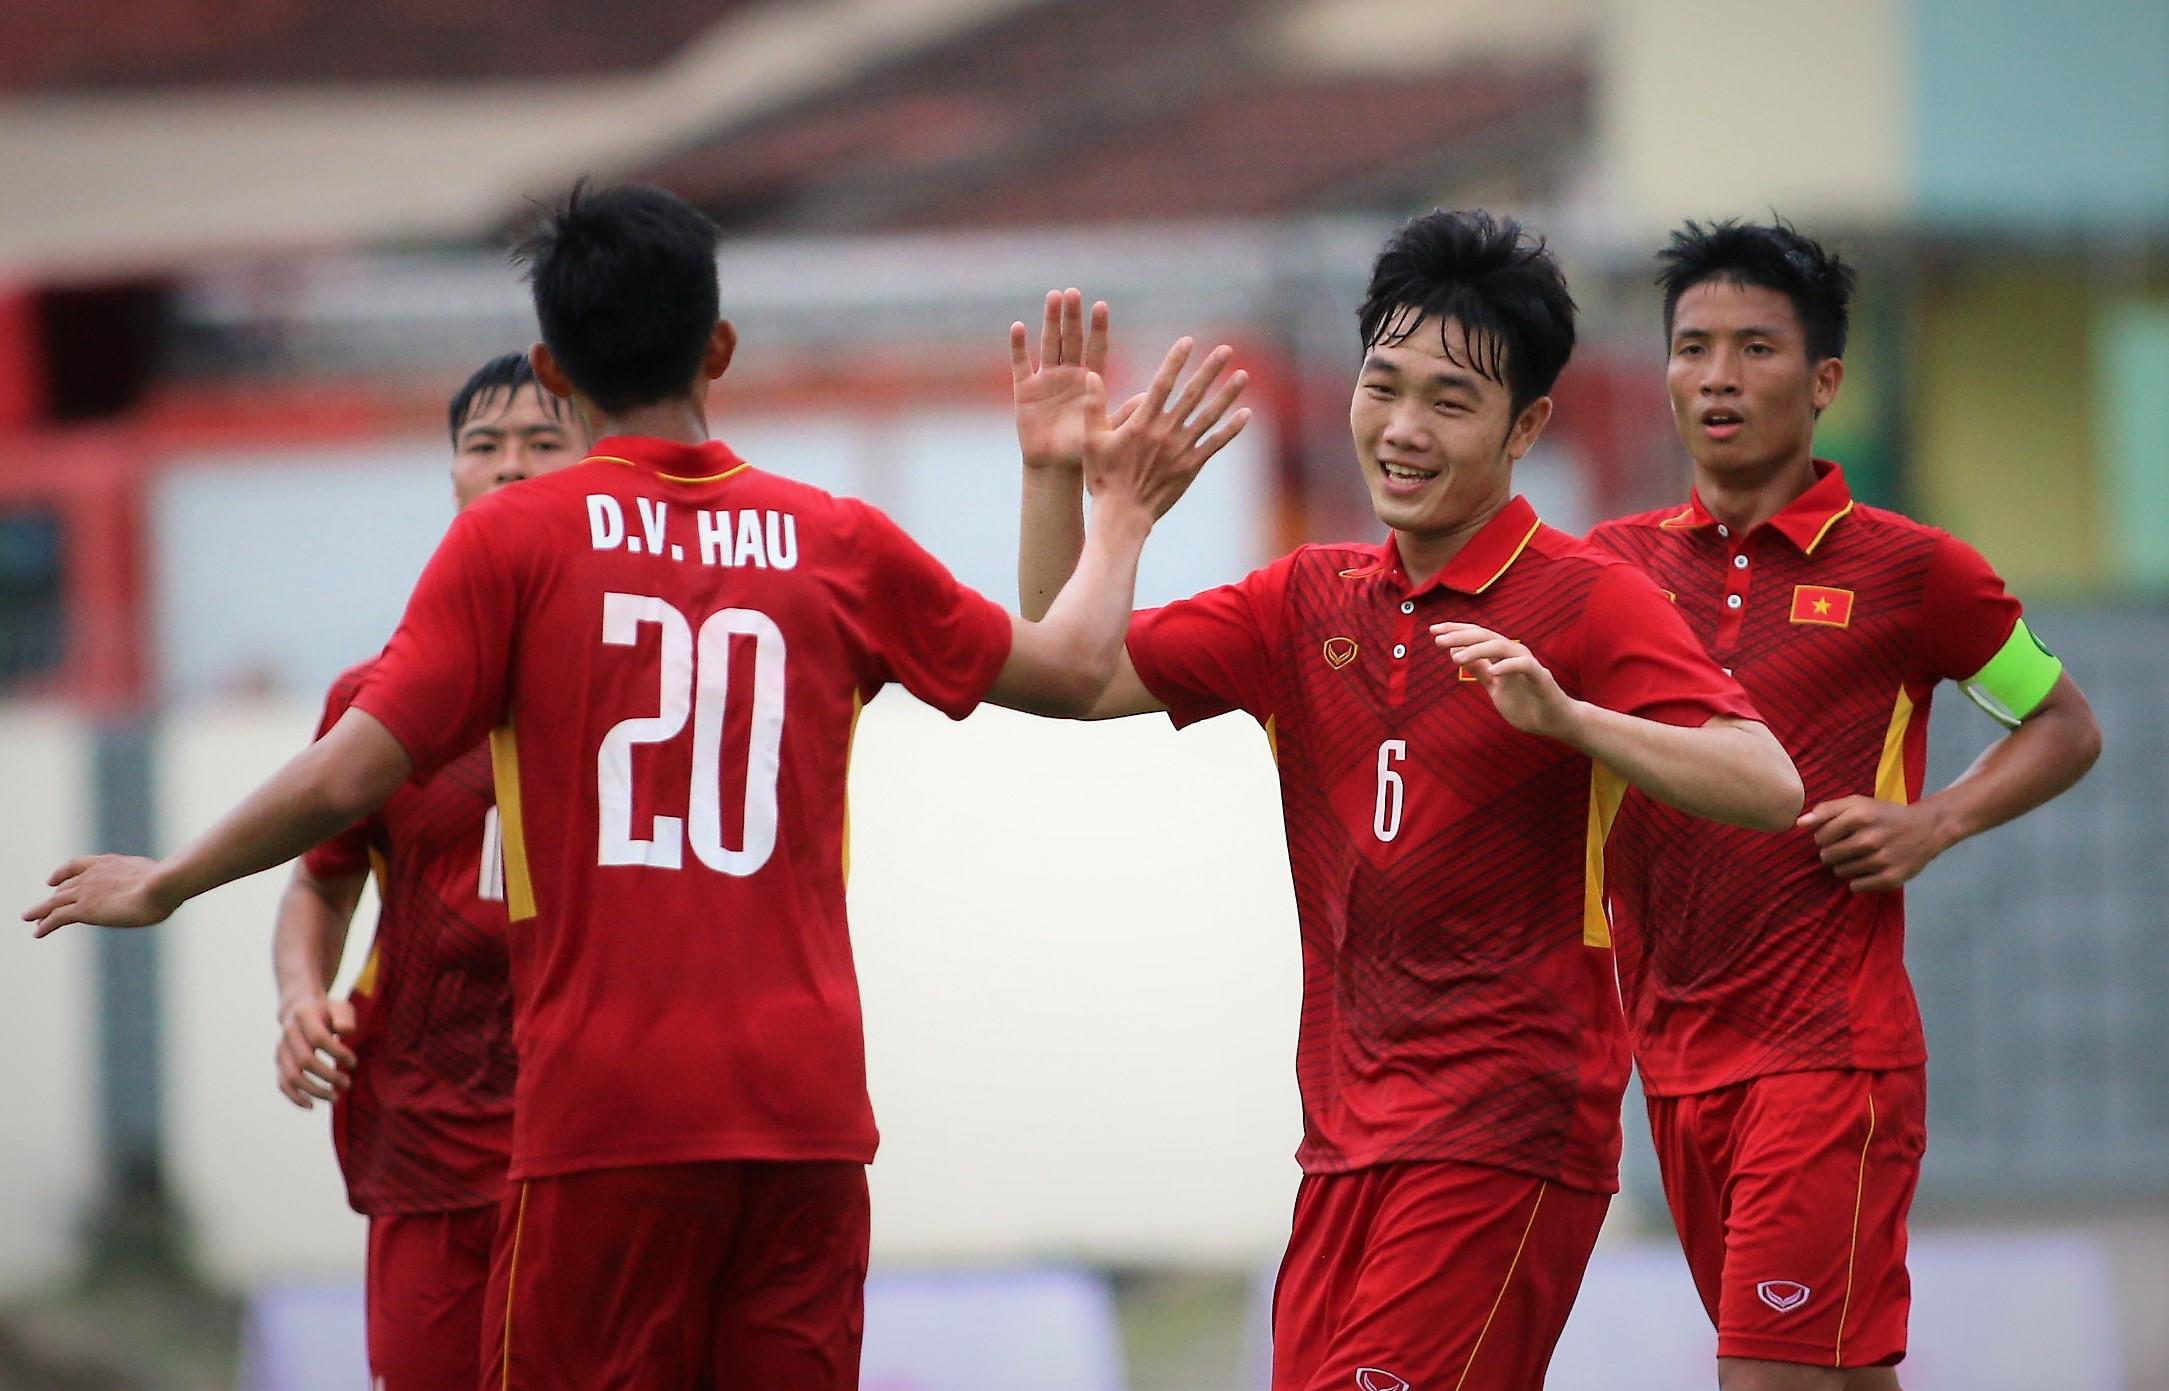 Liệu Việt Nam đã sẵn sàng chuẩn bị cho một mùa worl cup hay chưa?